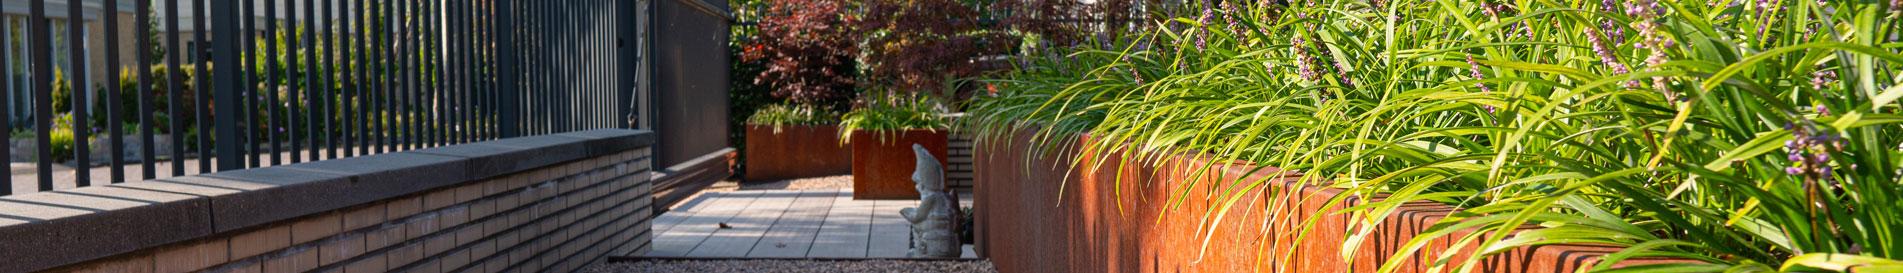 BURO BUITEN voor al uw tuinen